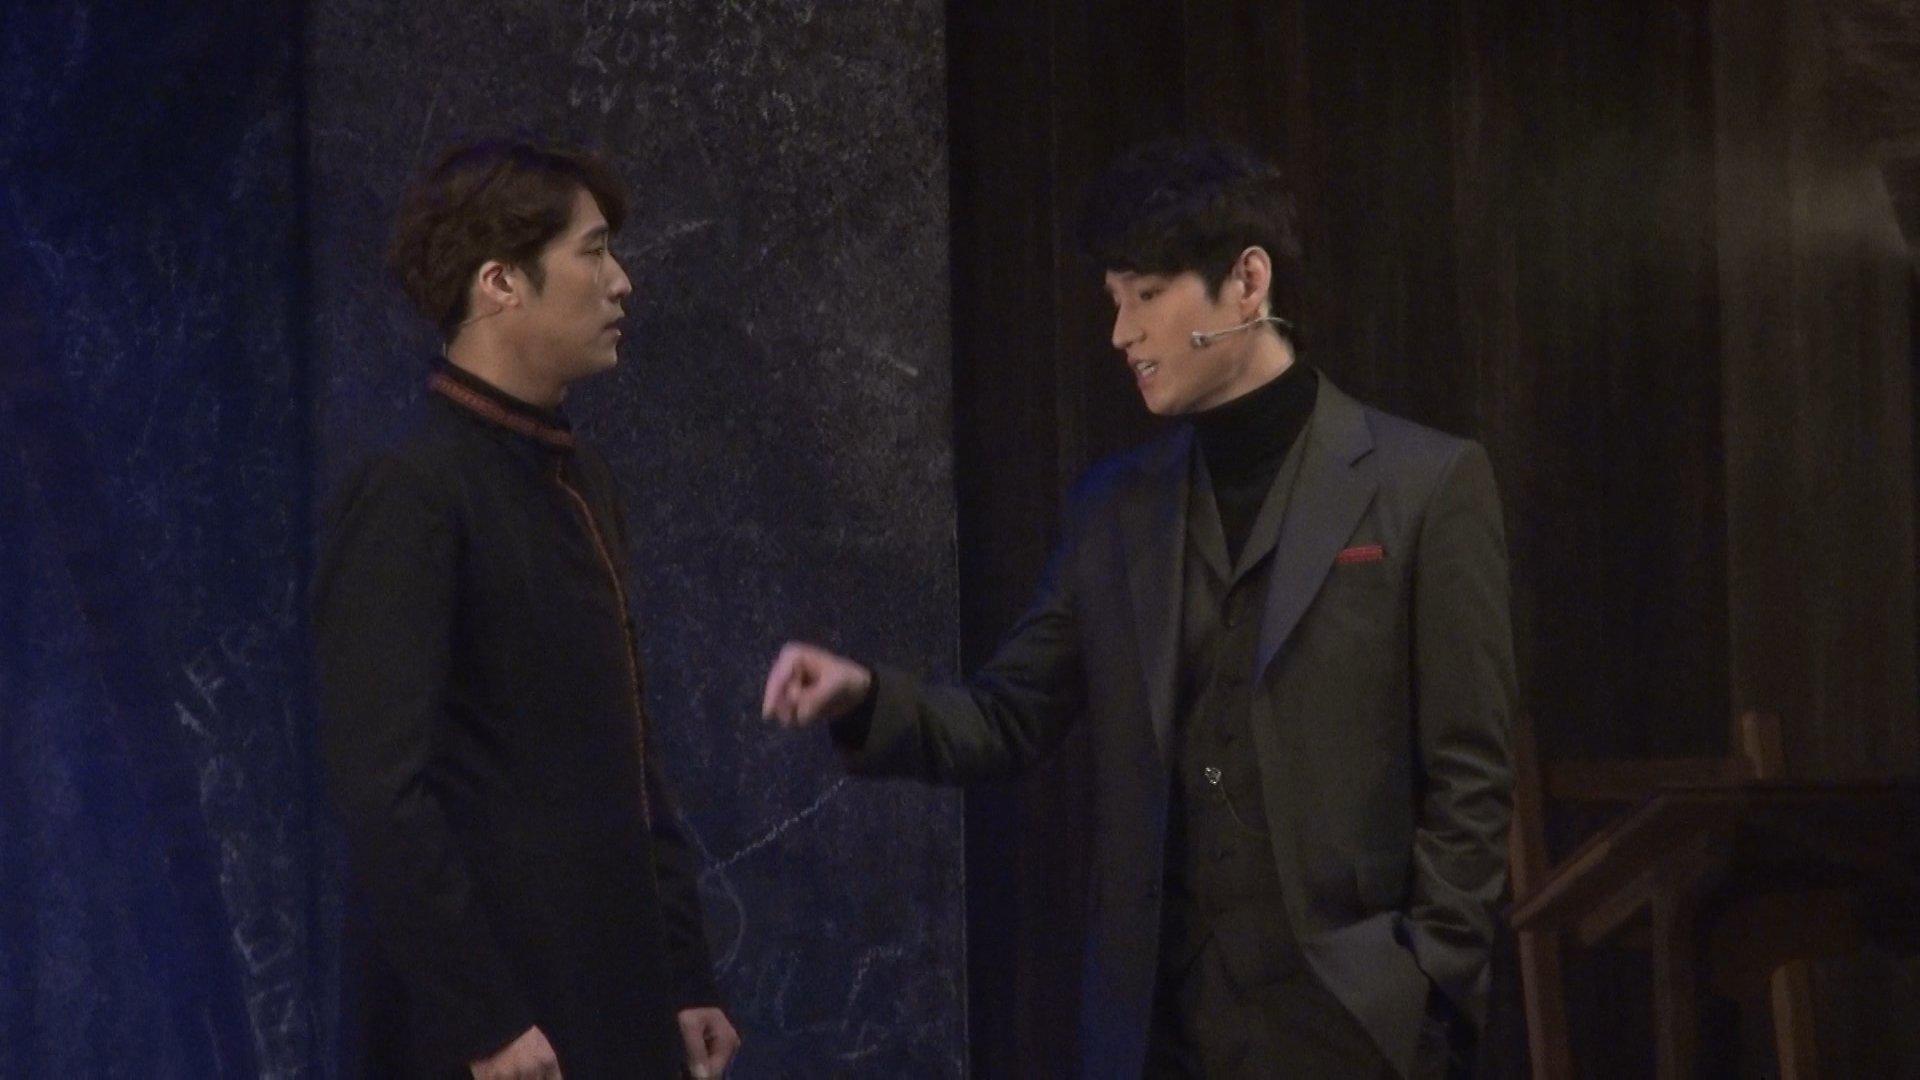 <브라더스 까라마조프> 김주호, 조풍래, 강정우, 김지철, 이휘종